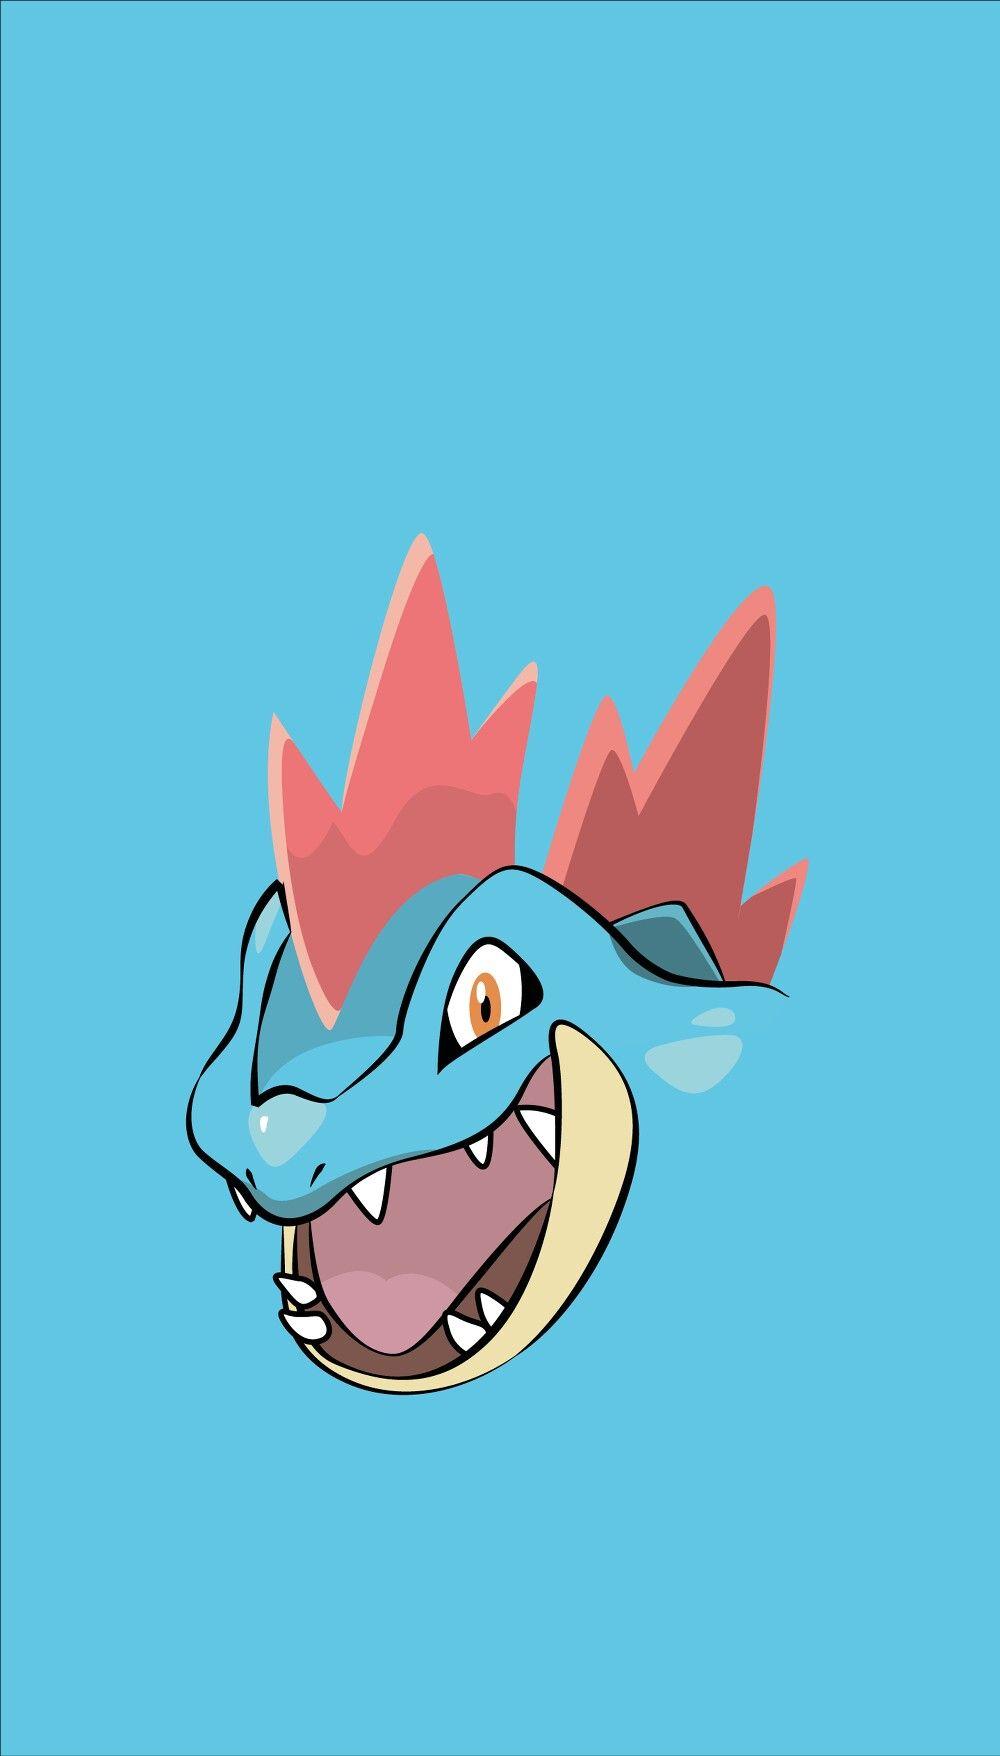 Feraligatr wallpaper ❤ | Pokémon | Pinterest | Pokémon